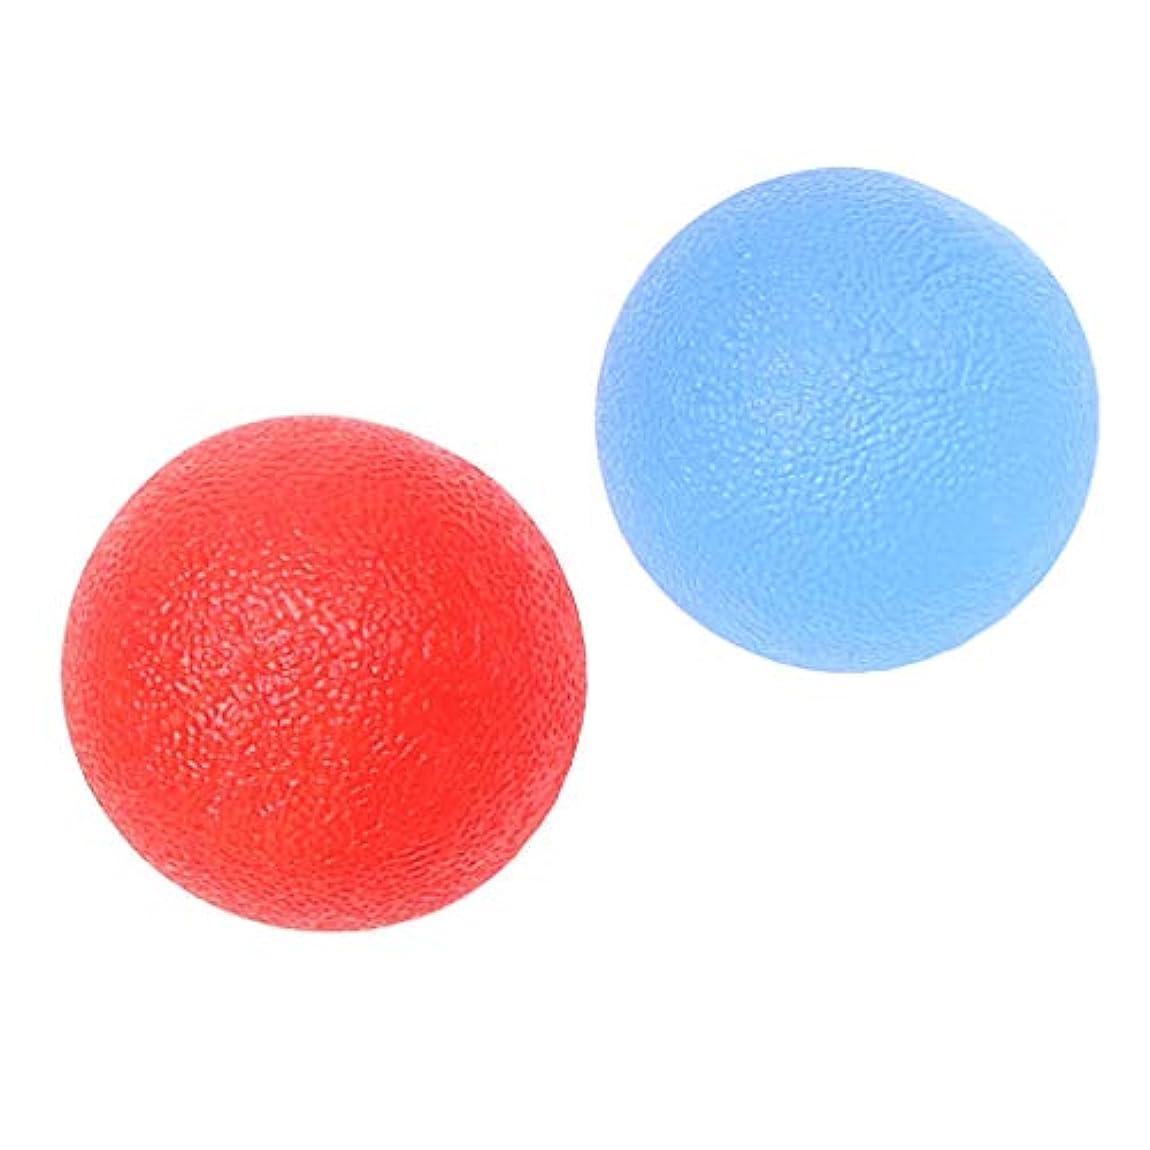 グラム彼らのそのようなPerfeclan ハンドエクササイズボール ハンドグリップ シリコン 指トレーニング ストレス緩和 贈り物 2個入